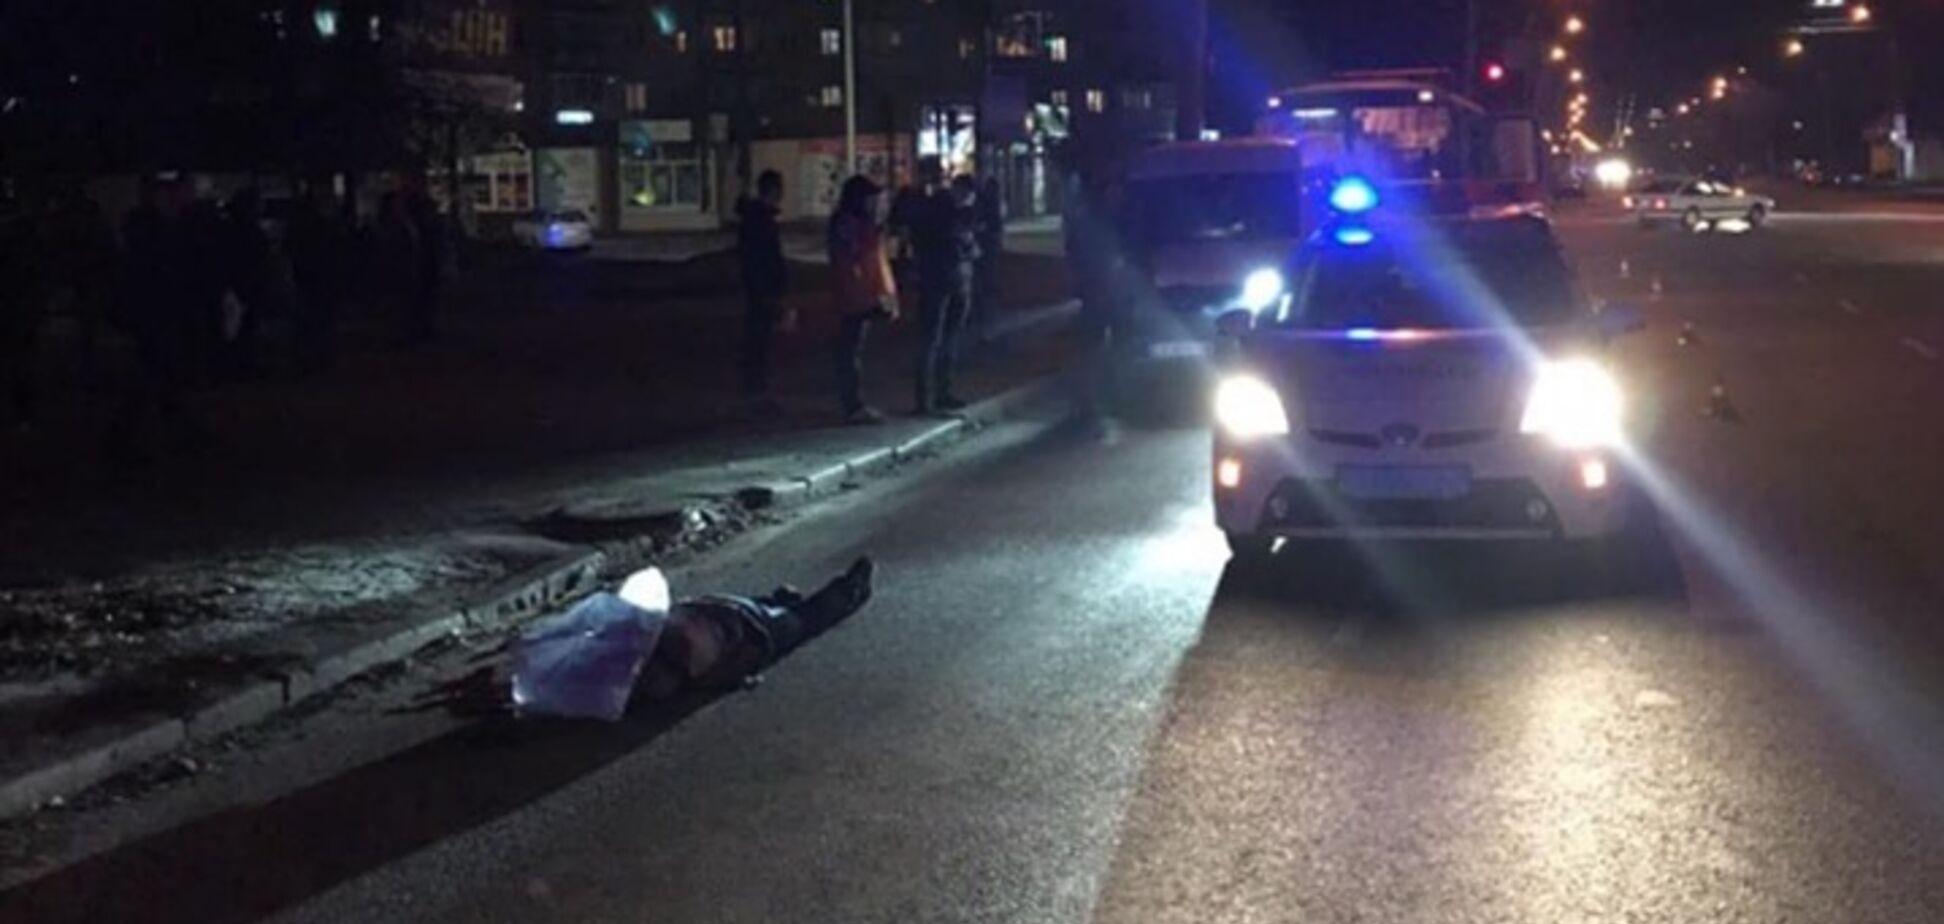 Не заметил, как сбил: в Черкассах мужчина погиб от наезда маршрутки